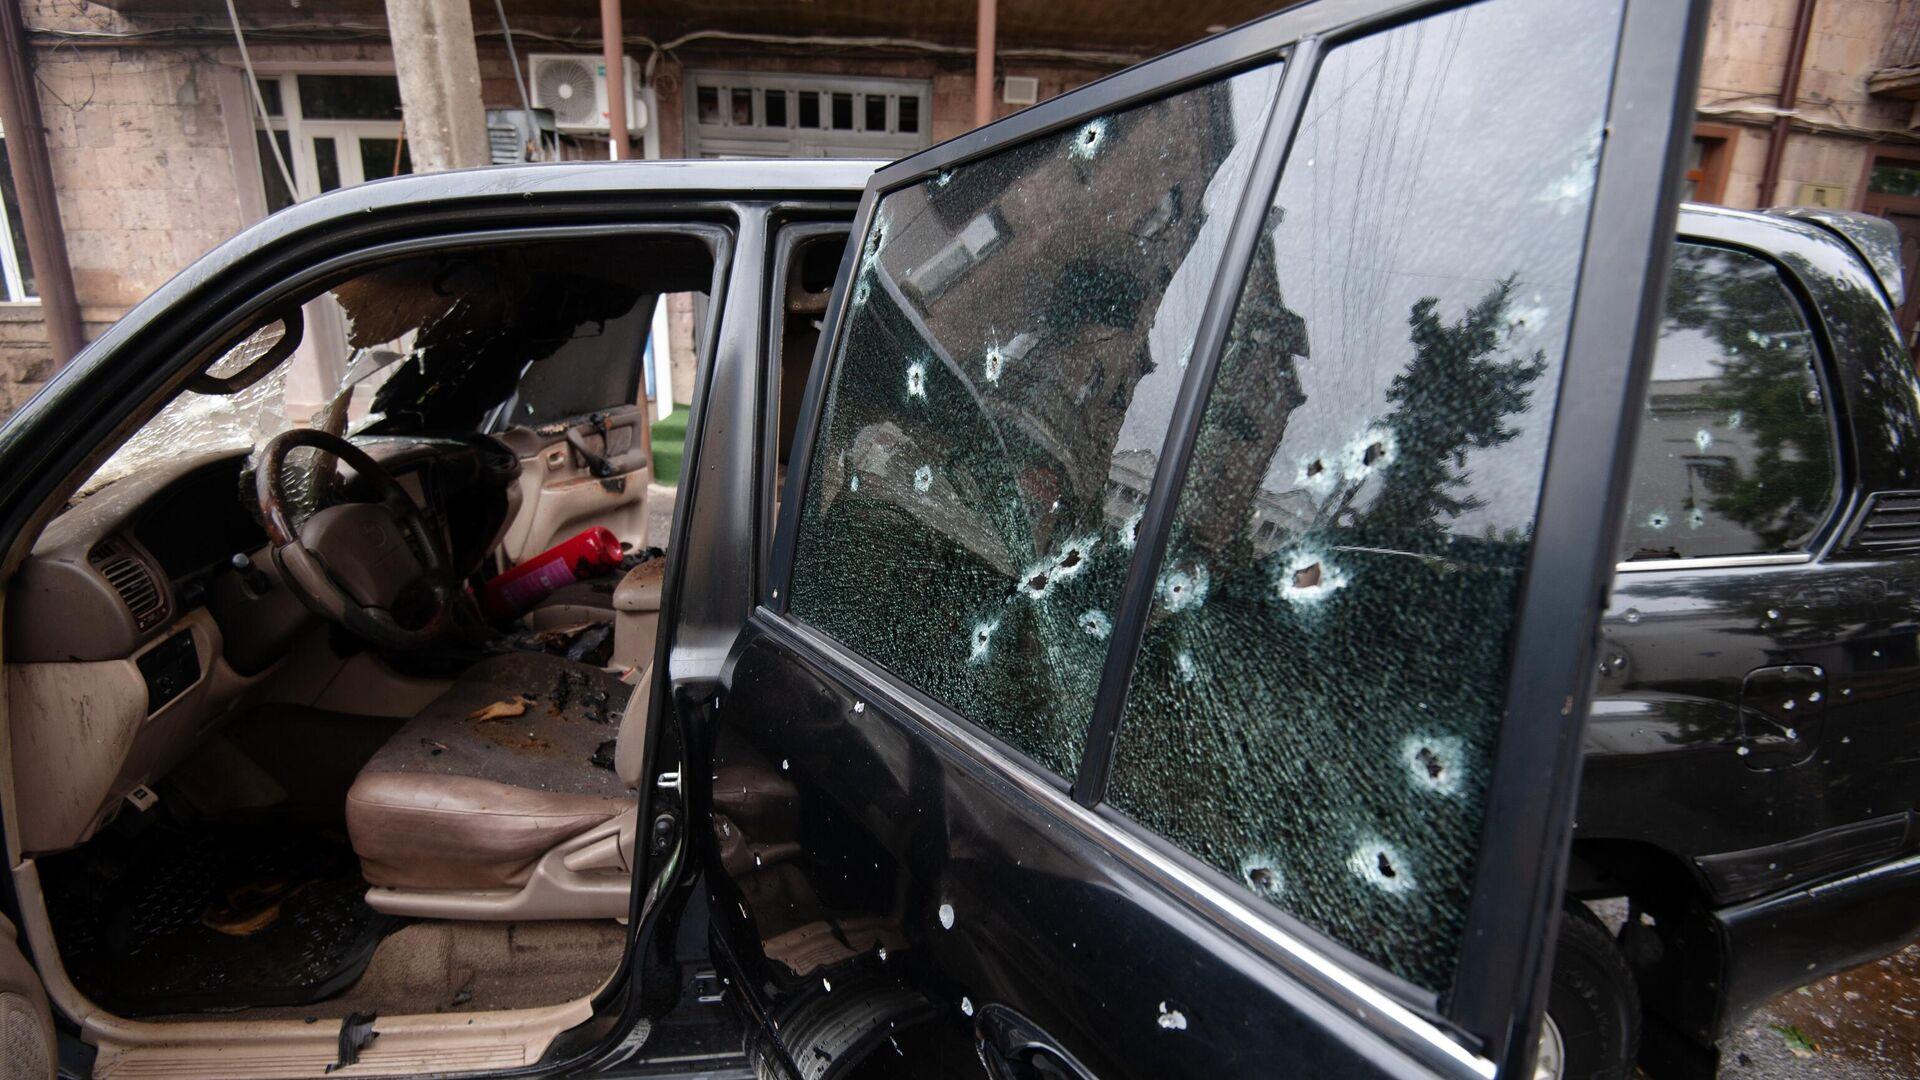 Автомобиль, поврежденный в результате обстрела в Степанакерте - РИА Новости, 1920, 06.10.2020